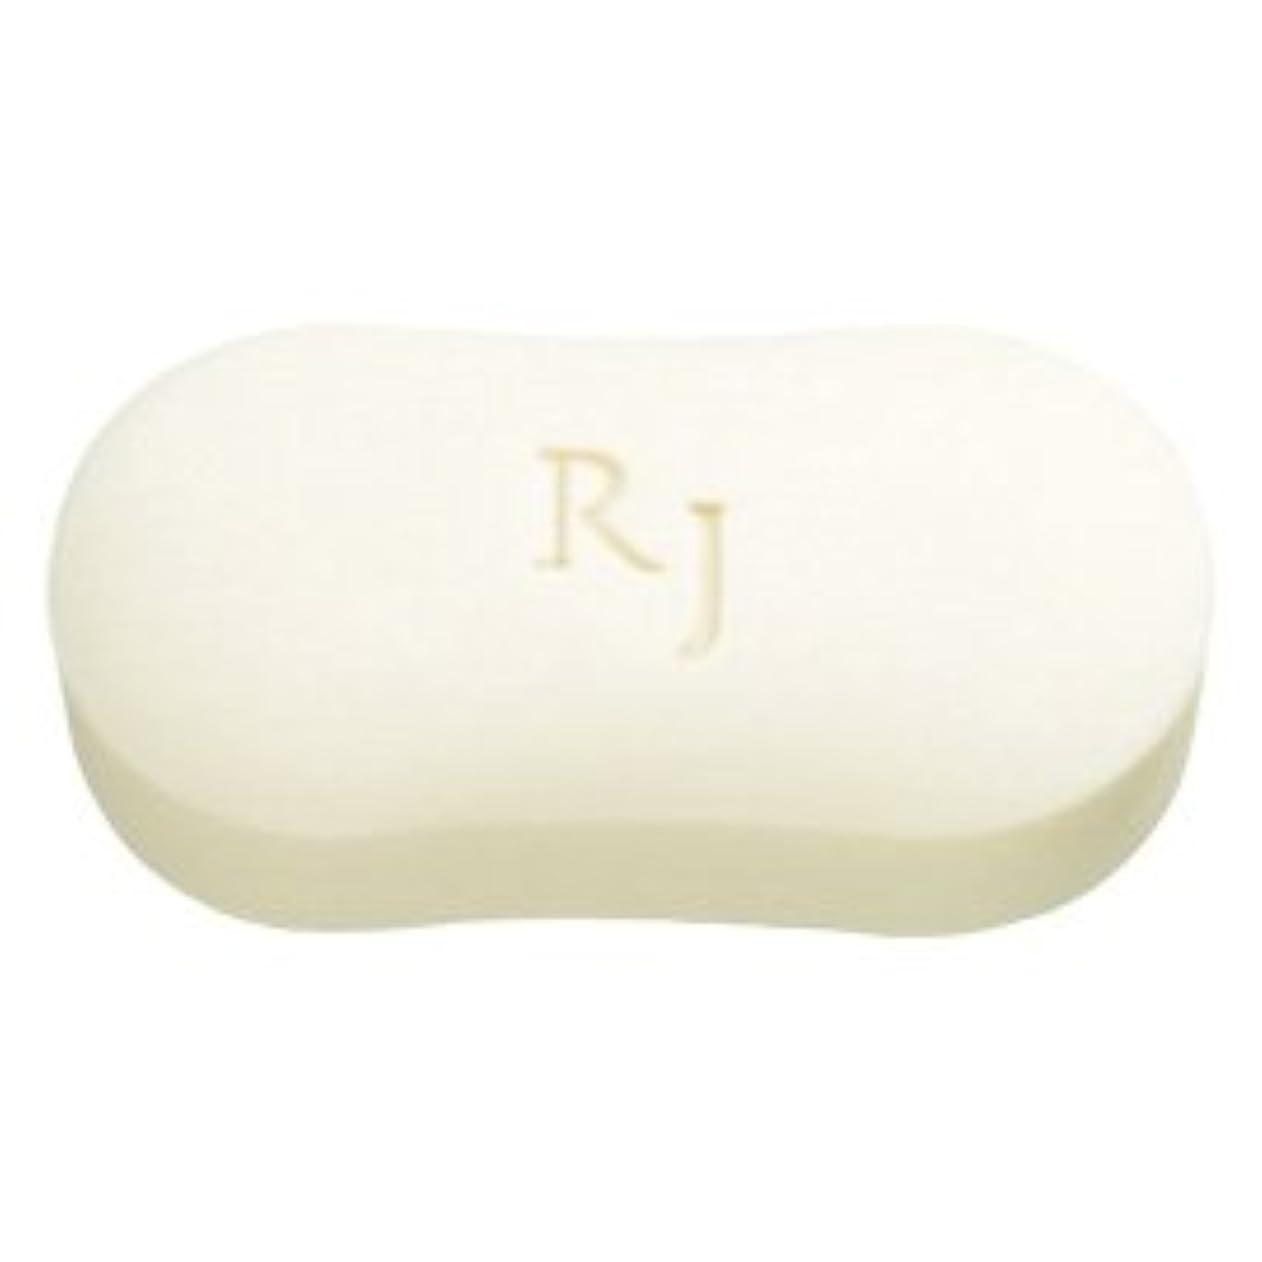 甲虫矢印不規則なRJホワイトソープ(洗顔石鹸?ボディソープ) 脂性肌用 120g/Royal Jelly White Soap<120g>